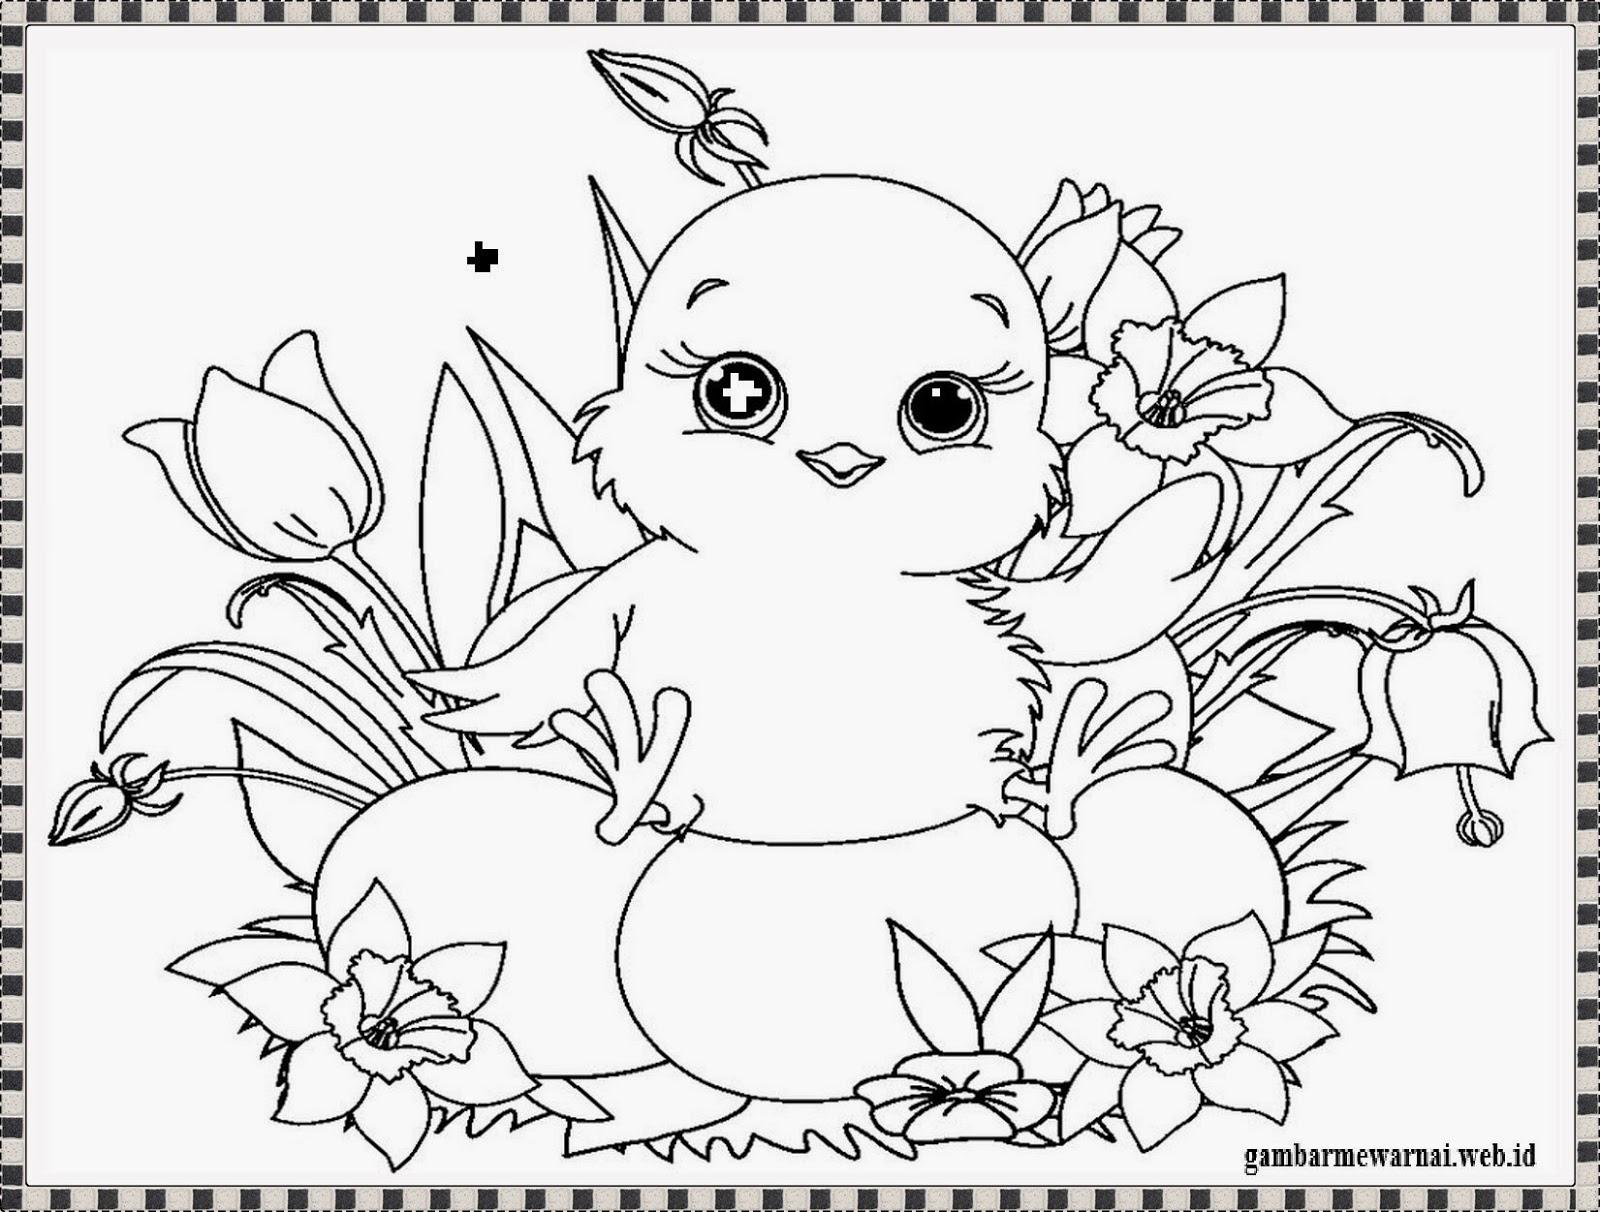 Mewarnai Gambar Anak Ayam Yang Baru Menetas Lucu Loh Amatcardco